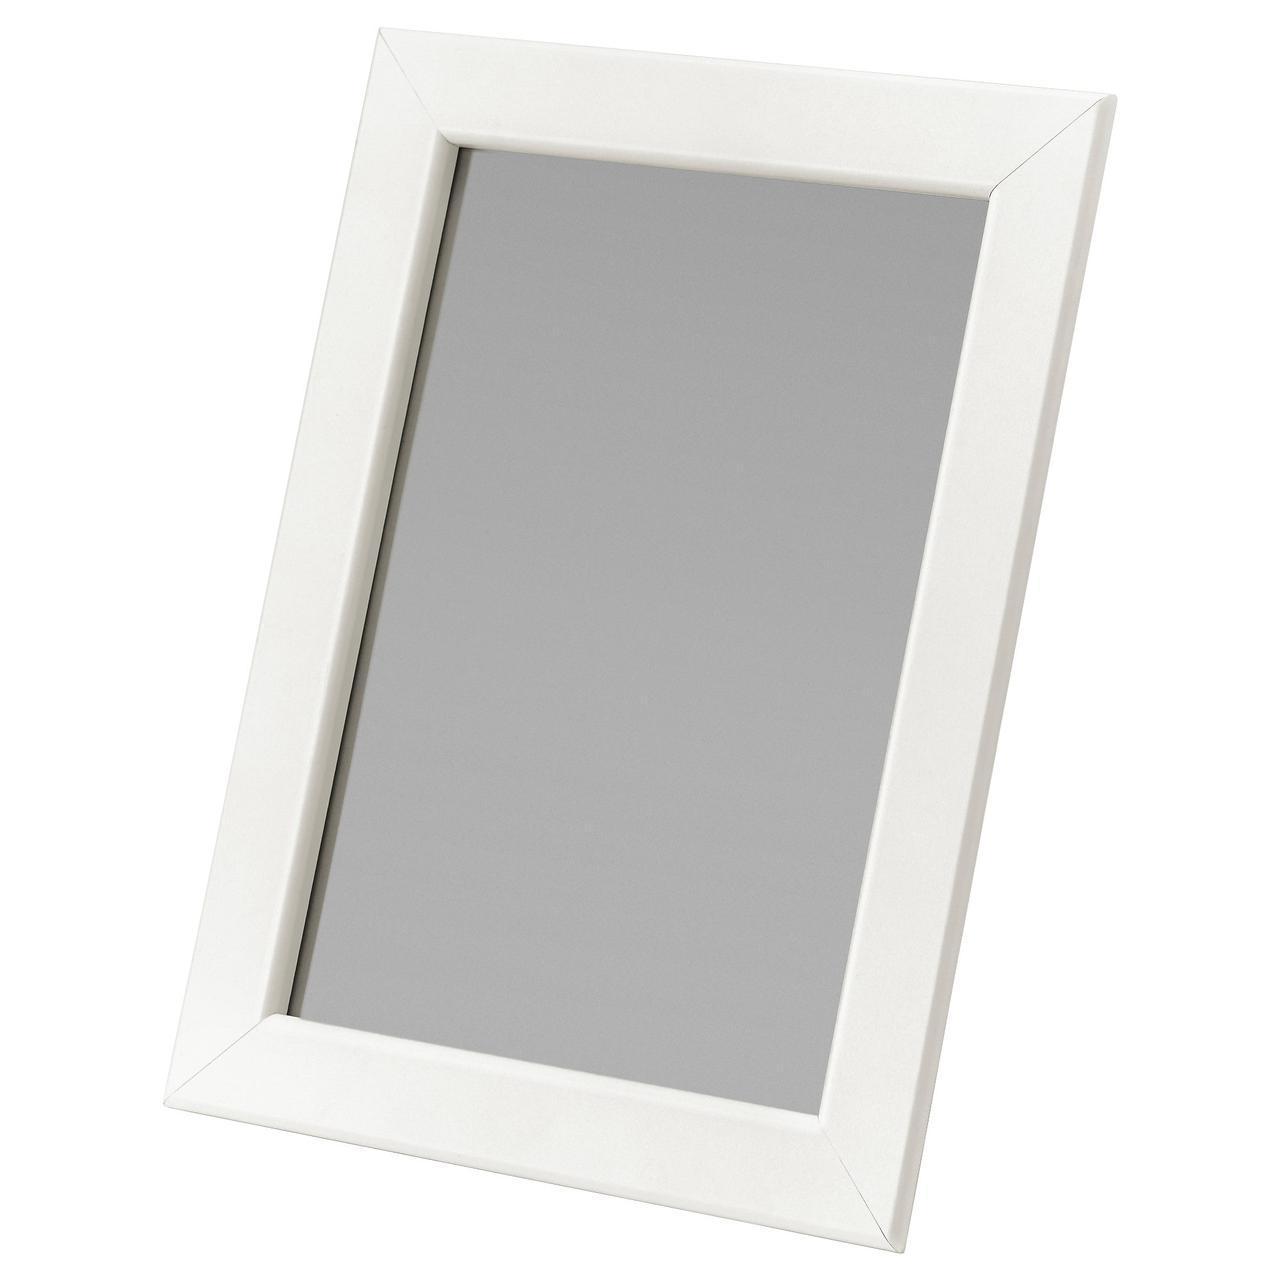 IKEA FISKBO (902.956.63) Рамка, білий 13x18 см